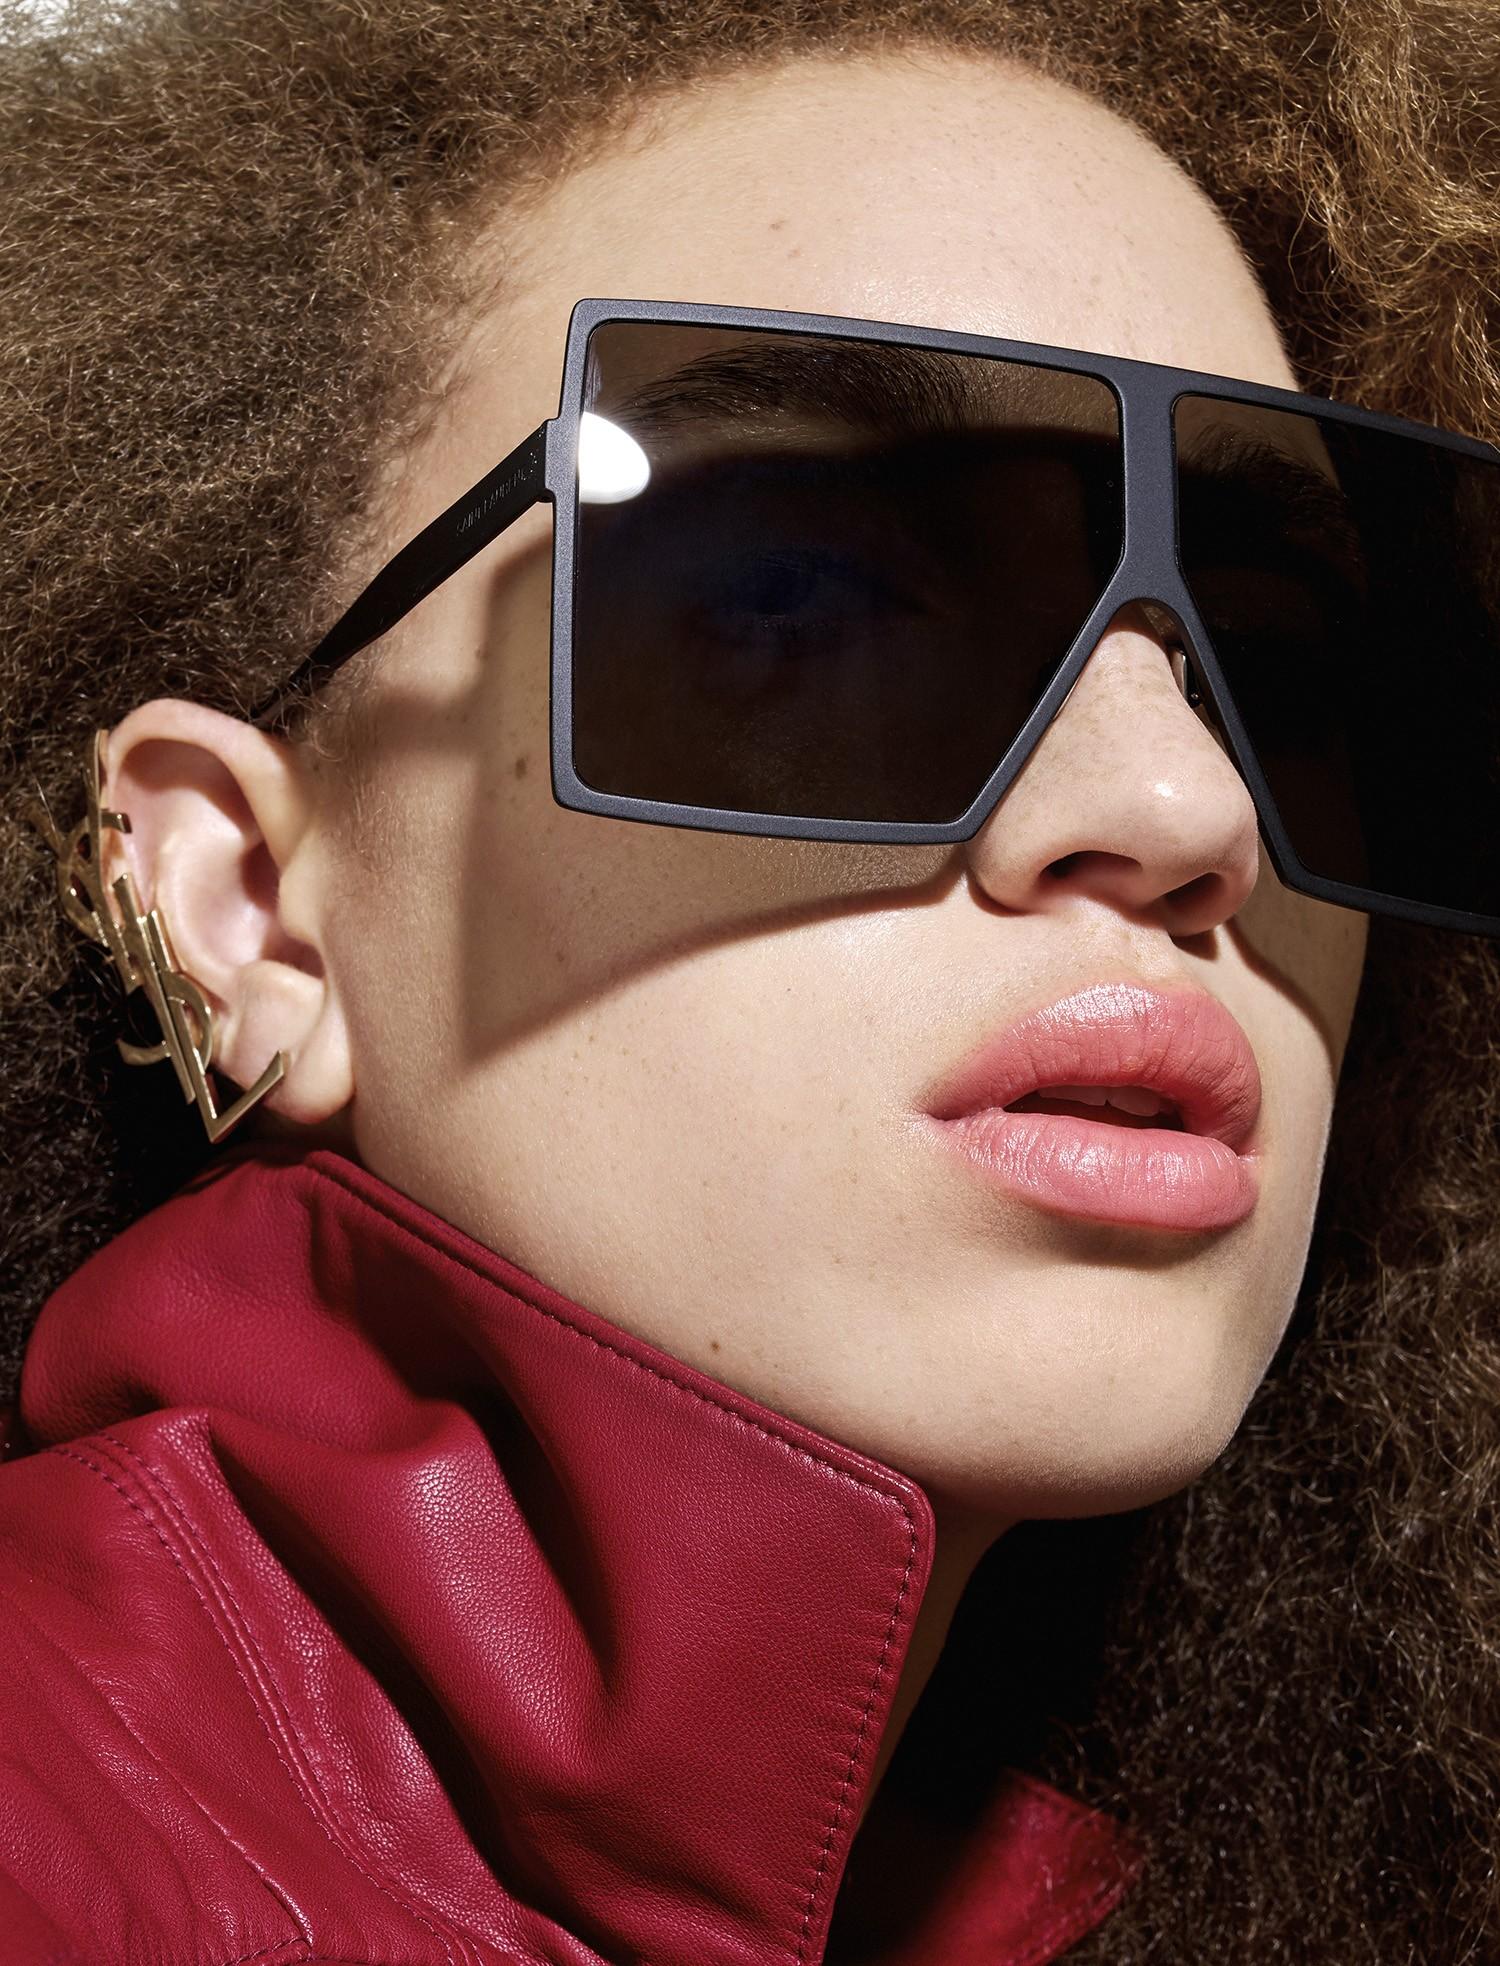 Jaqueta de couro, Tibi; brinco e óculos de sol, Saint Laurent via mytheresa.com. (Foto: Rui Faria)